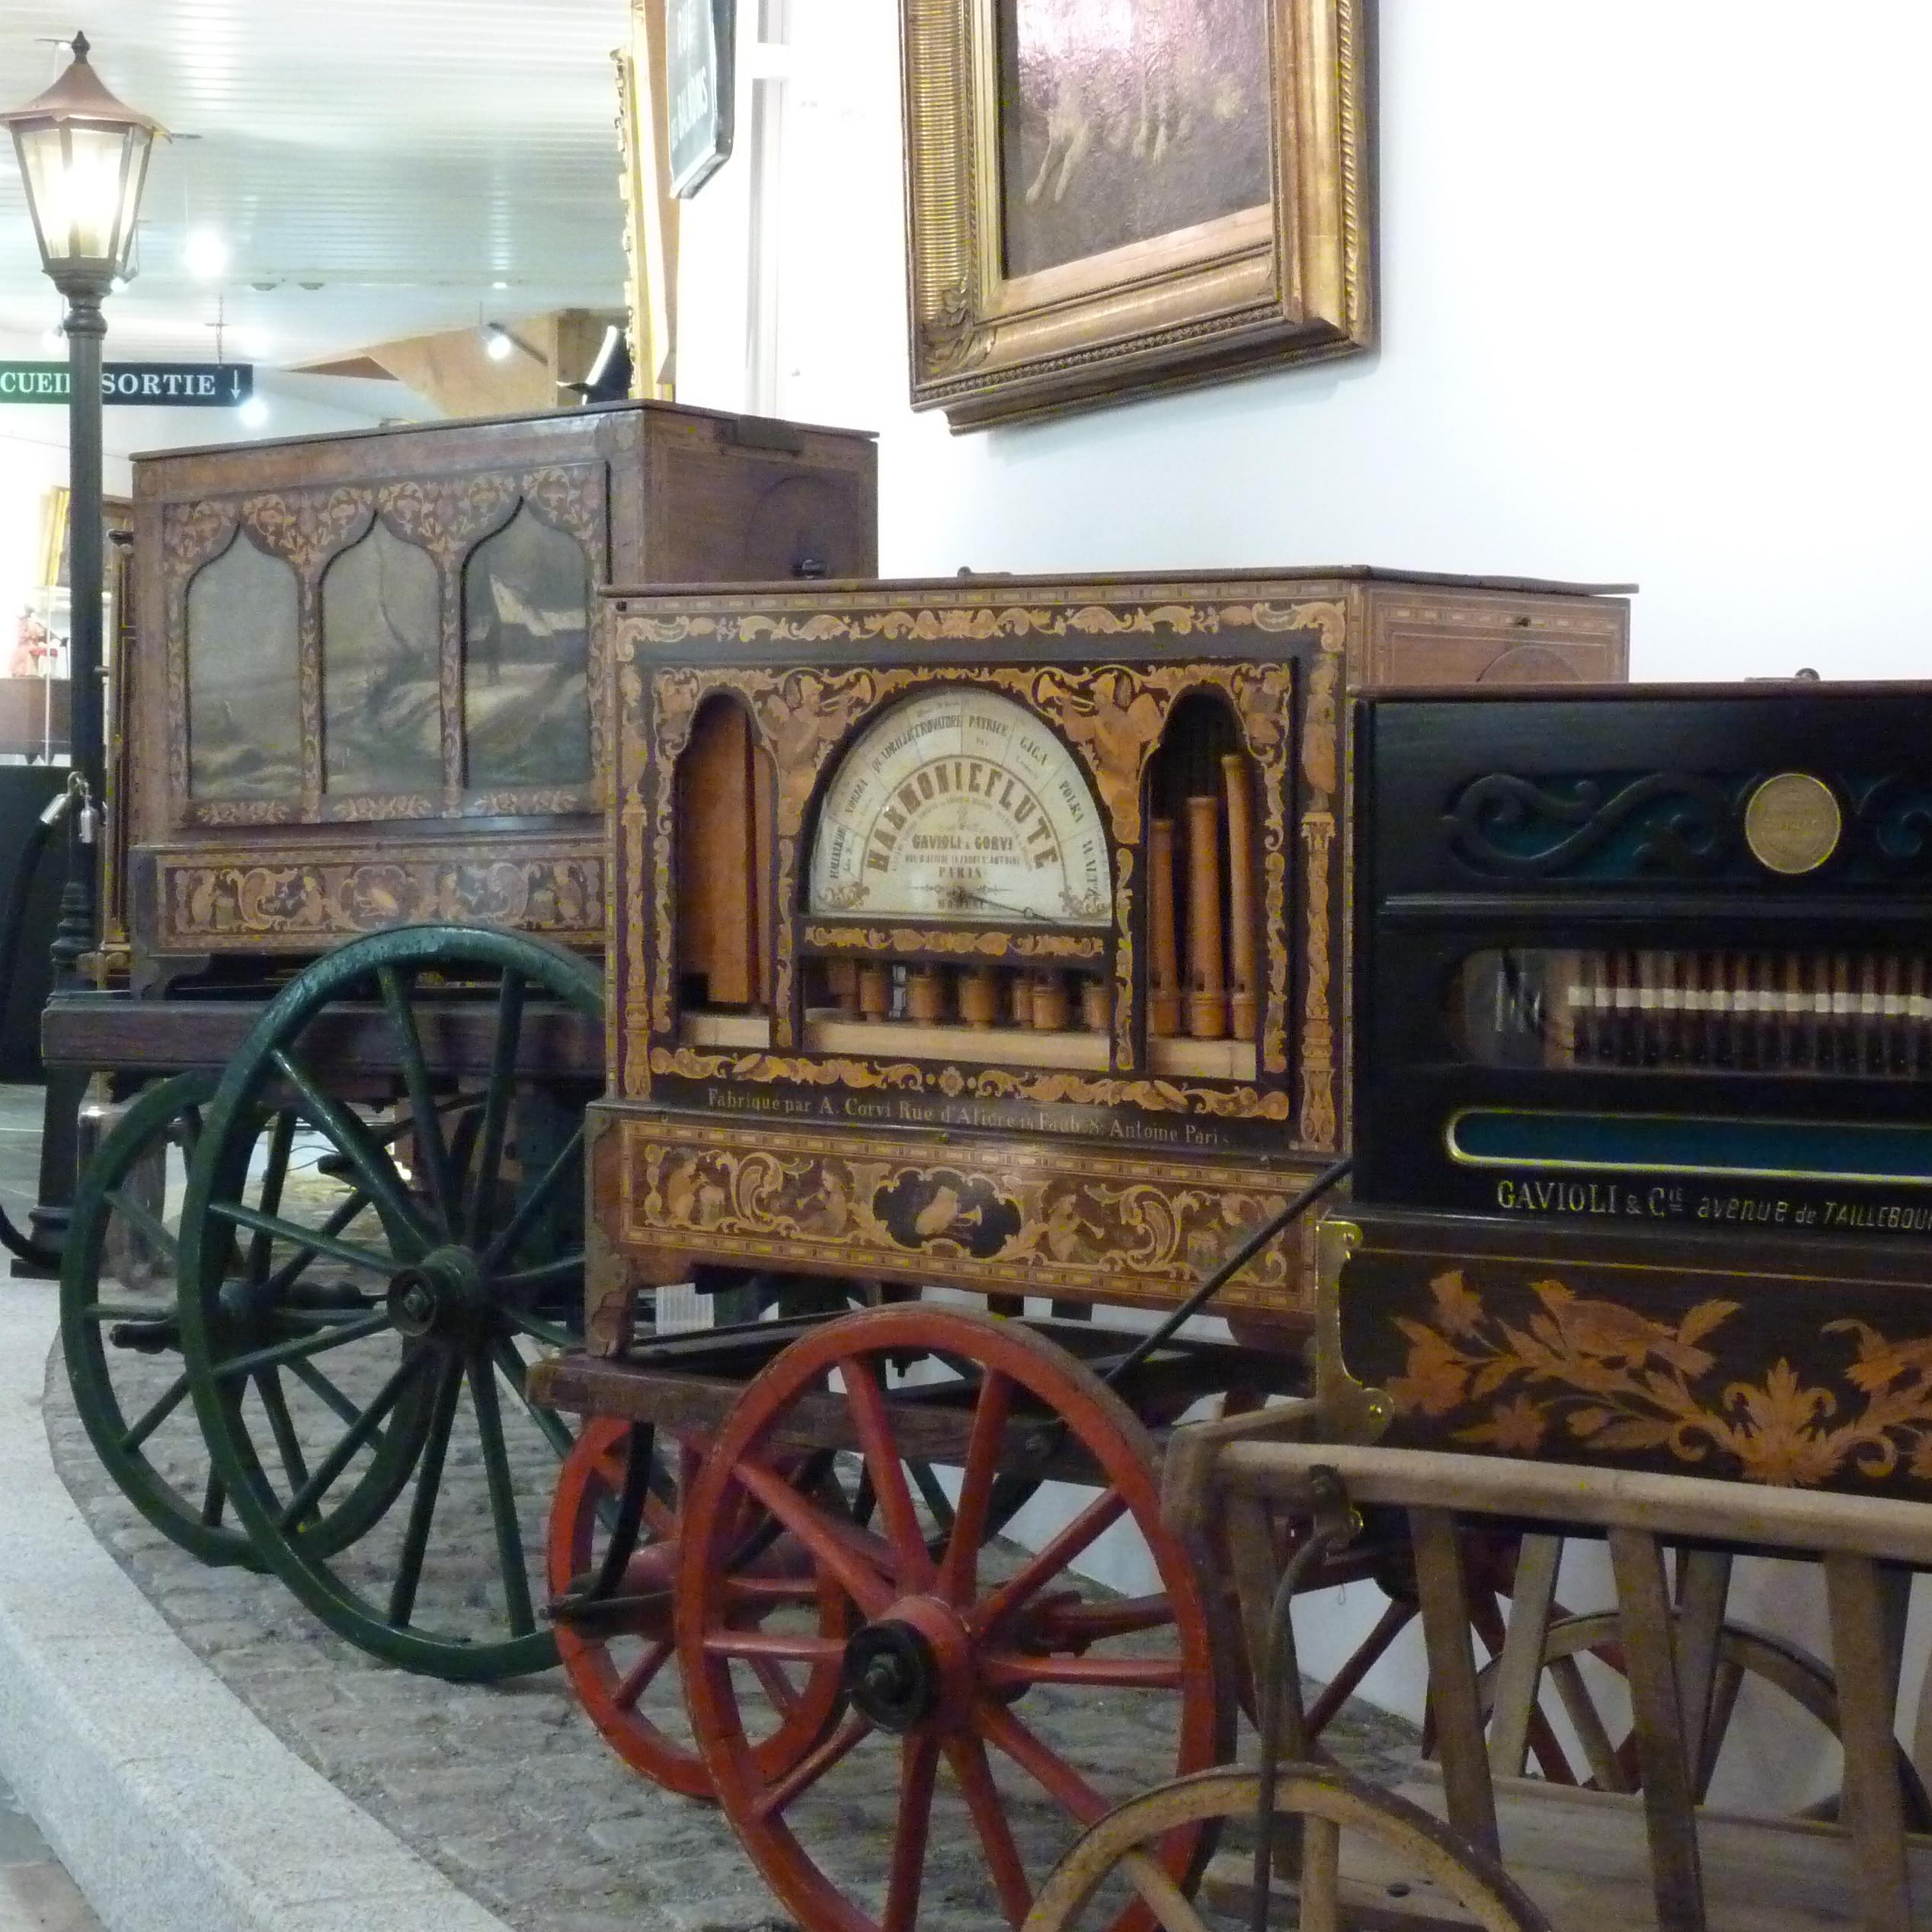 Musée de la Musique Mécanique (Haute-Savoie)